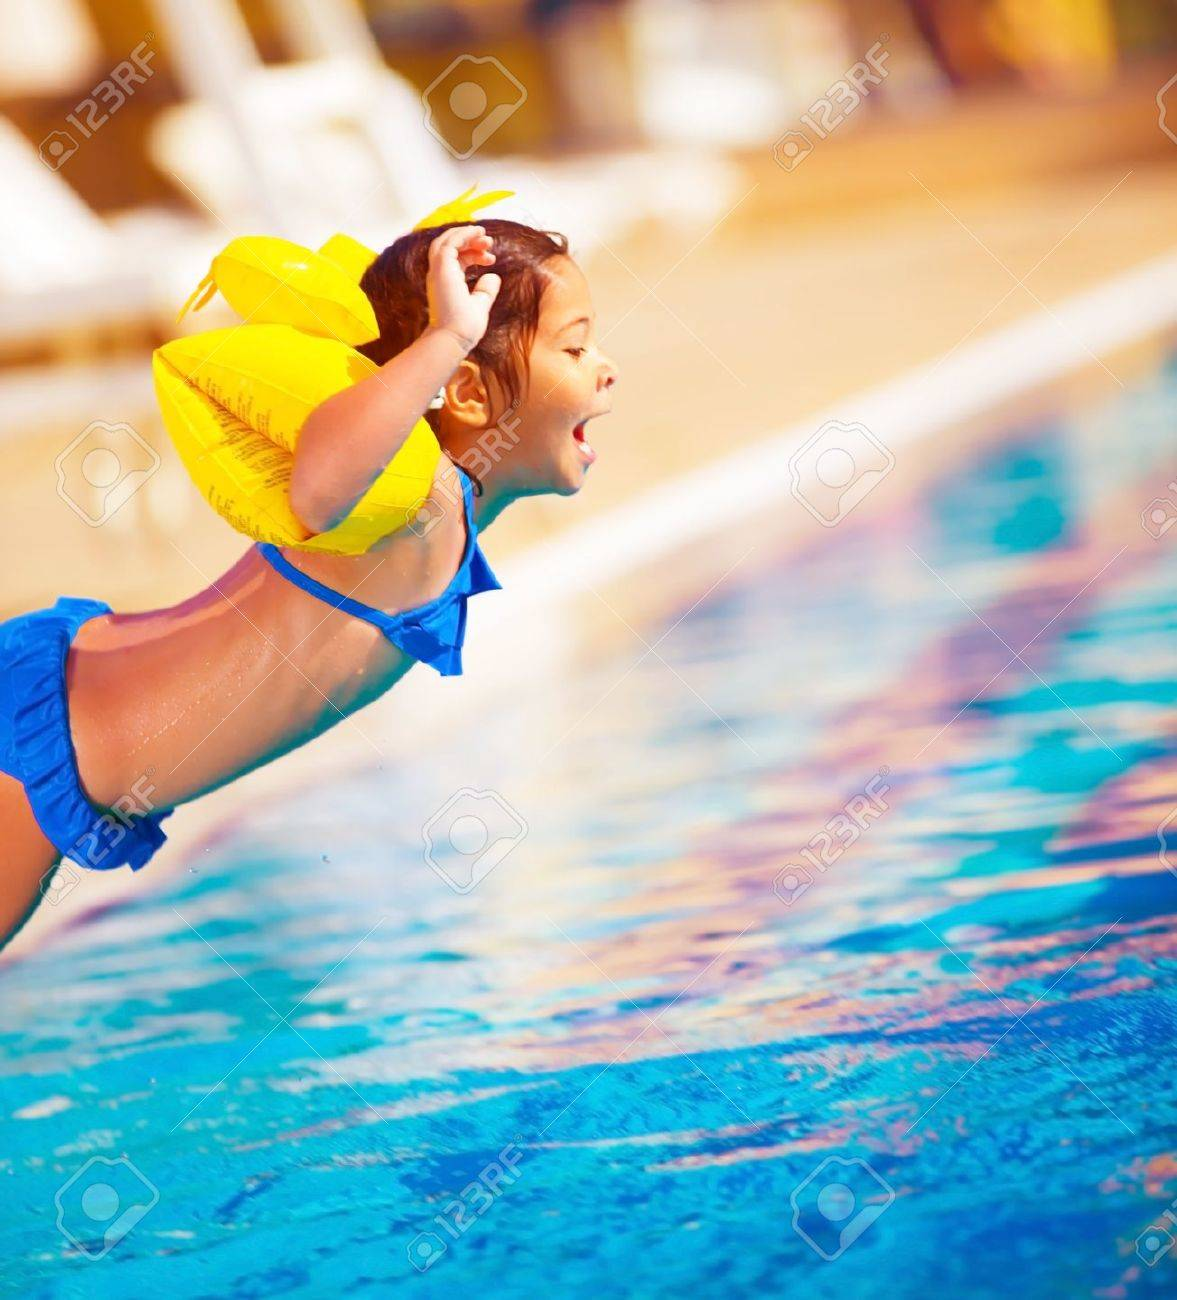 nia saltando en la piscina estilo de vida activo dulce nia juguetona atracciones